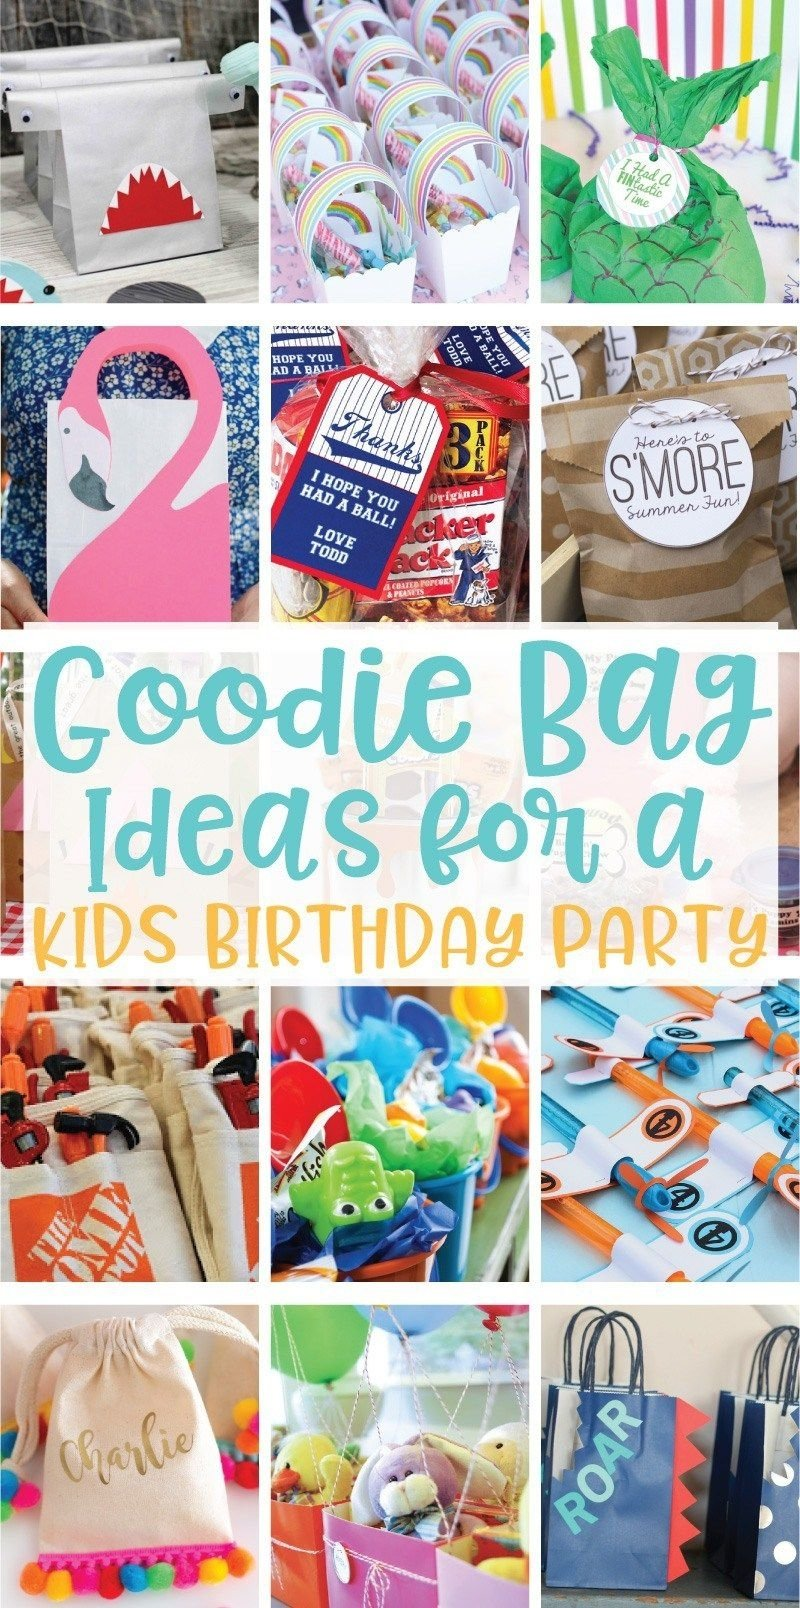 10 Wonderful Birthday Party Goodie Bag Ideas 20 creative goodie bag ideas for kids birthday parties on goodie 7 2021